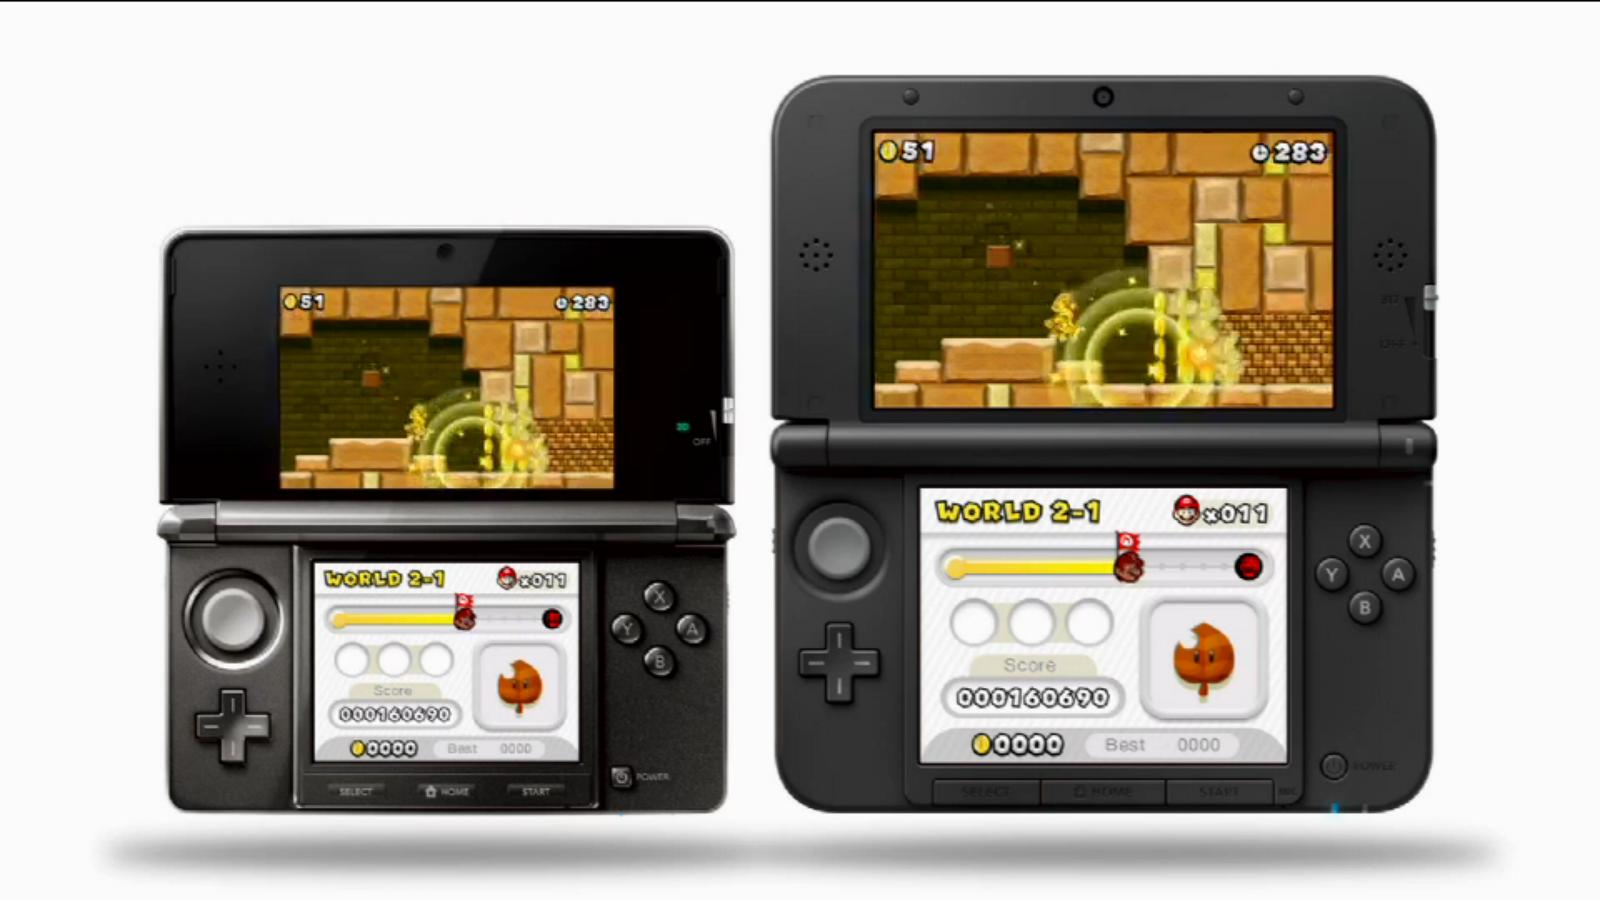 Nintendo 3ds release date